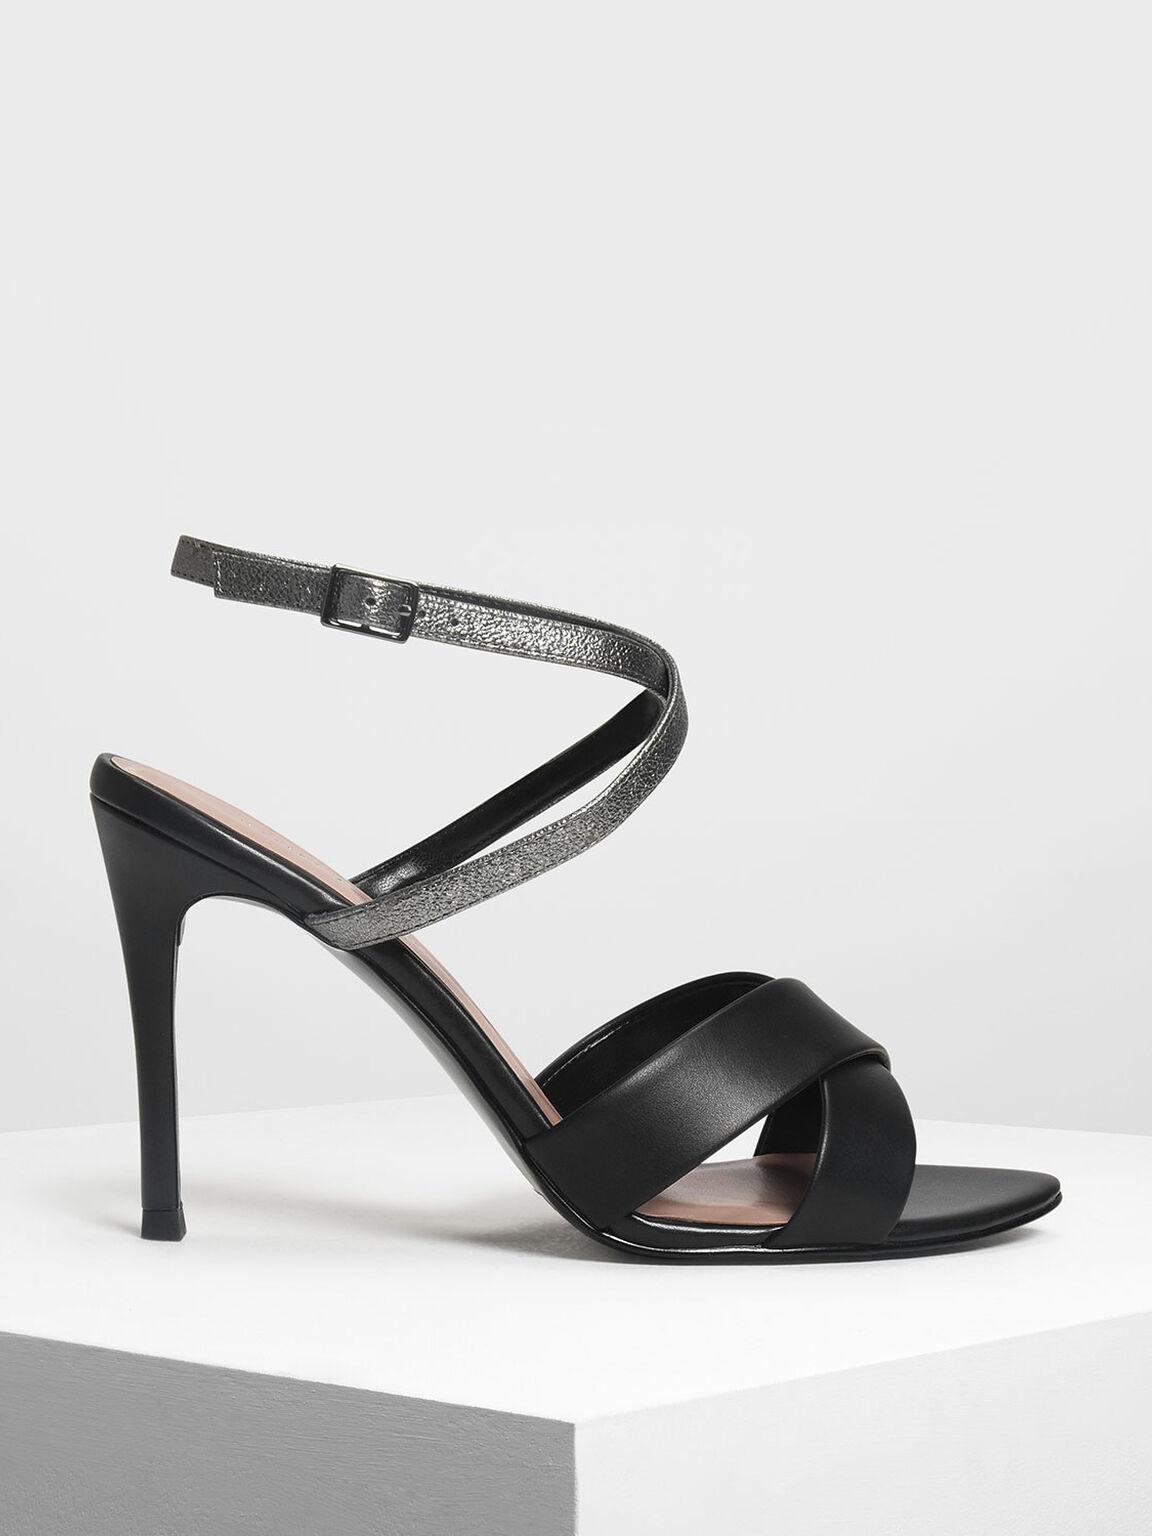 Two-Tone Criss Cross Heeled Sandals, Black, hi-res